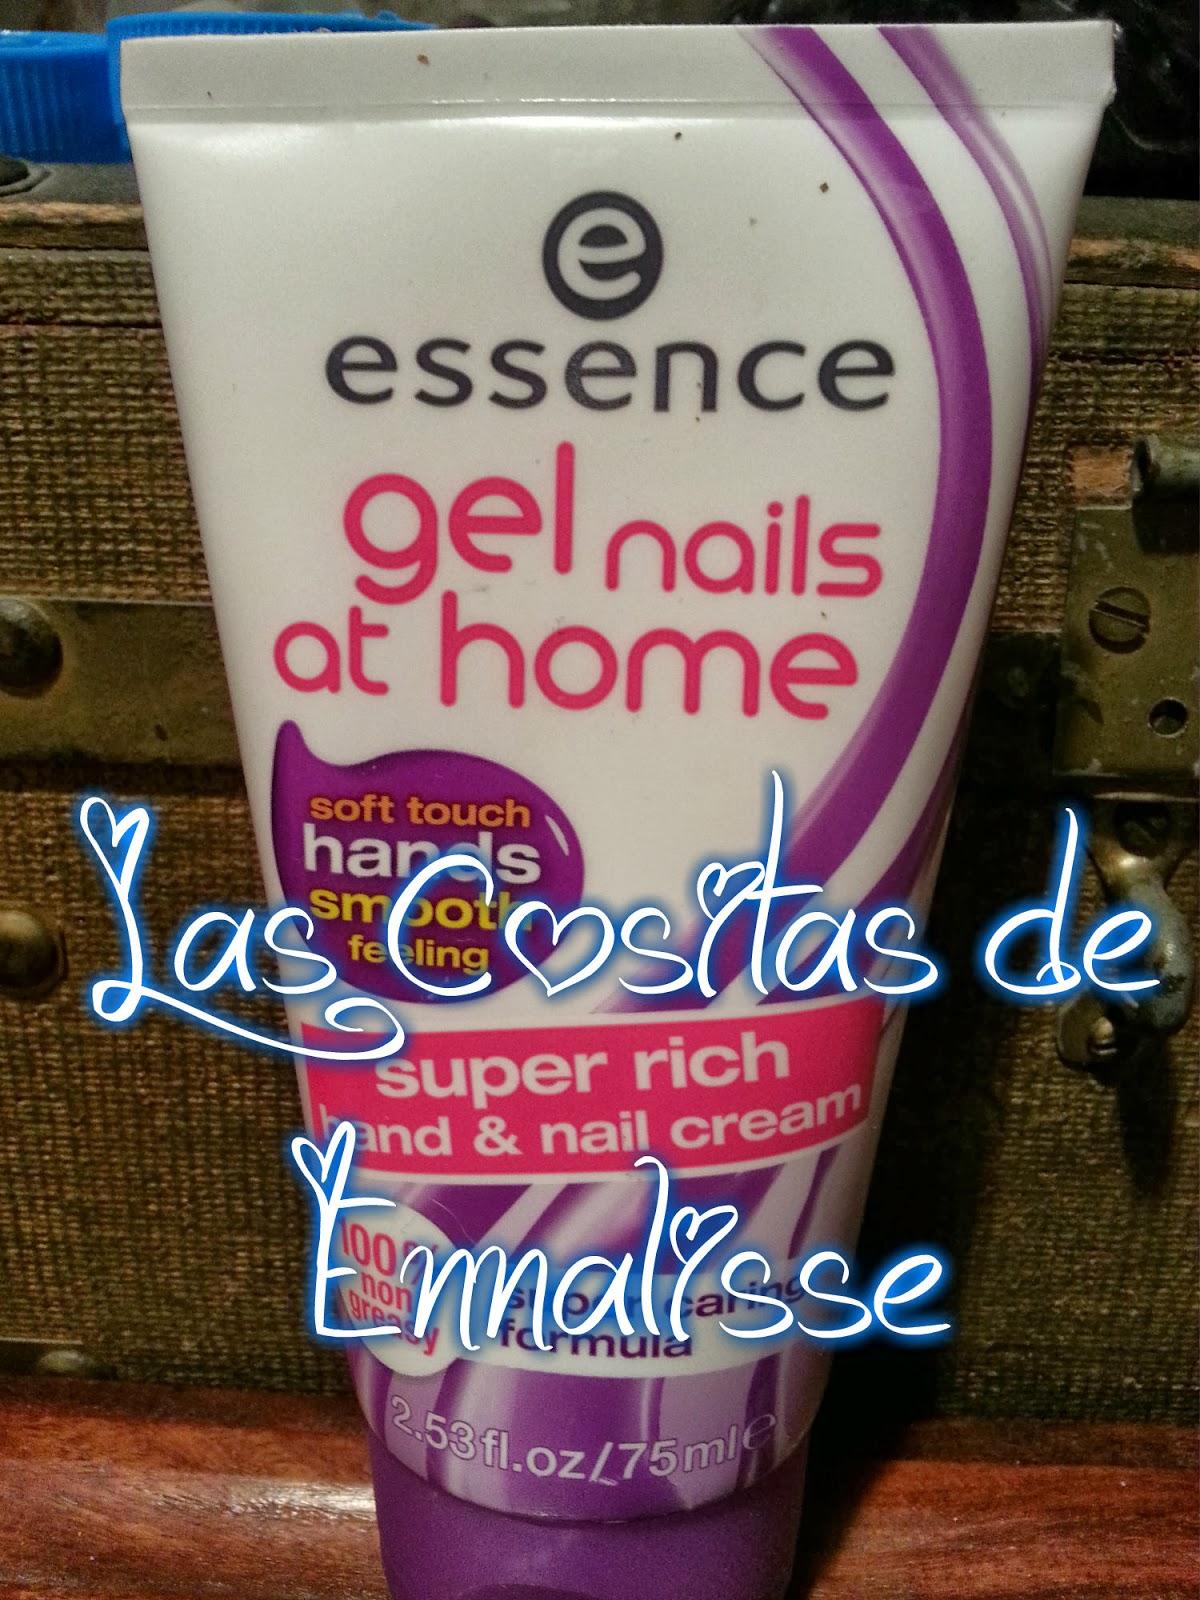 Las Cositas de Ennalisse: Essence - Uñas de gel en casa